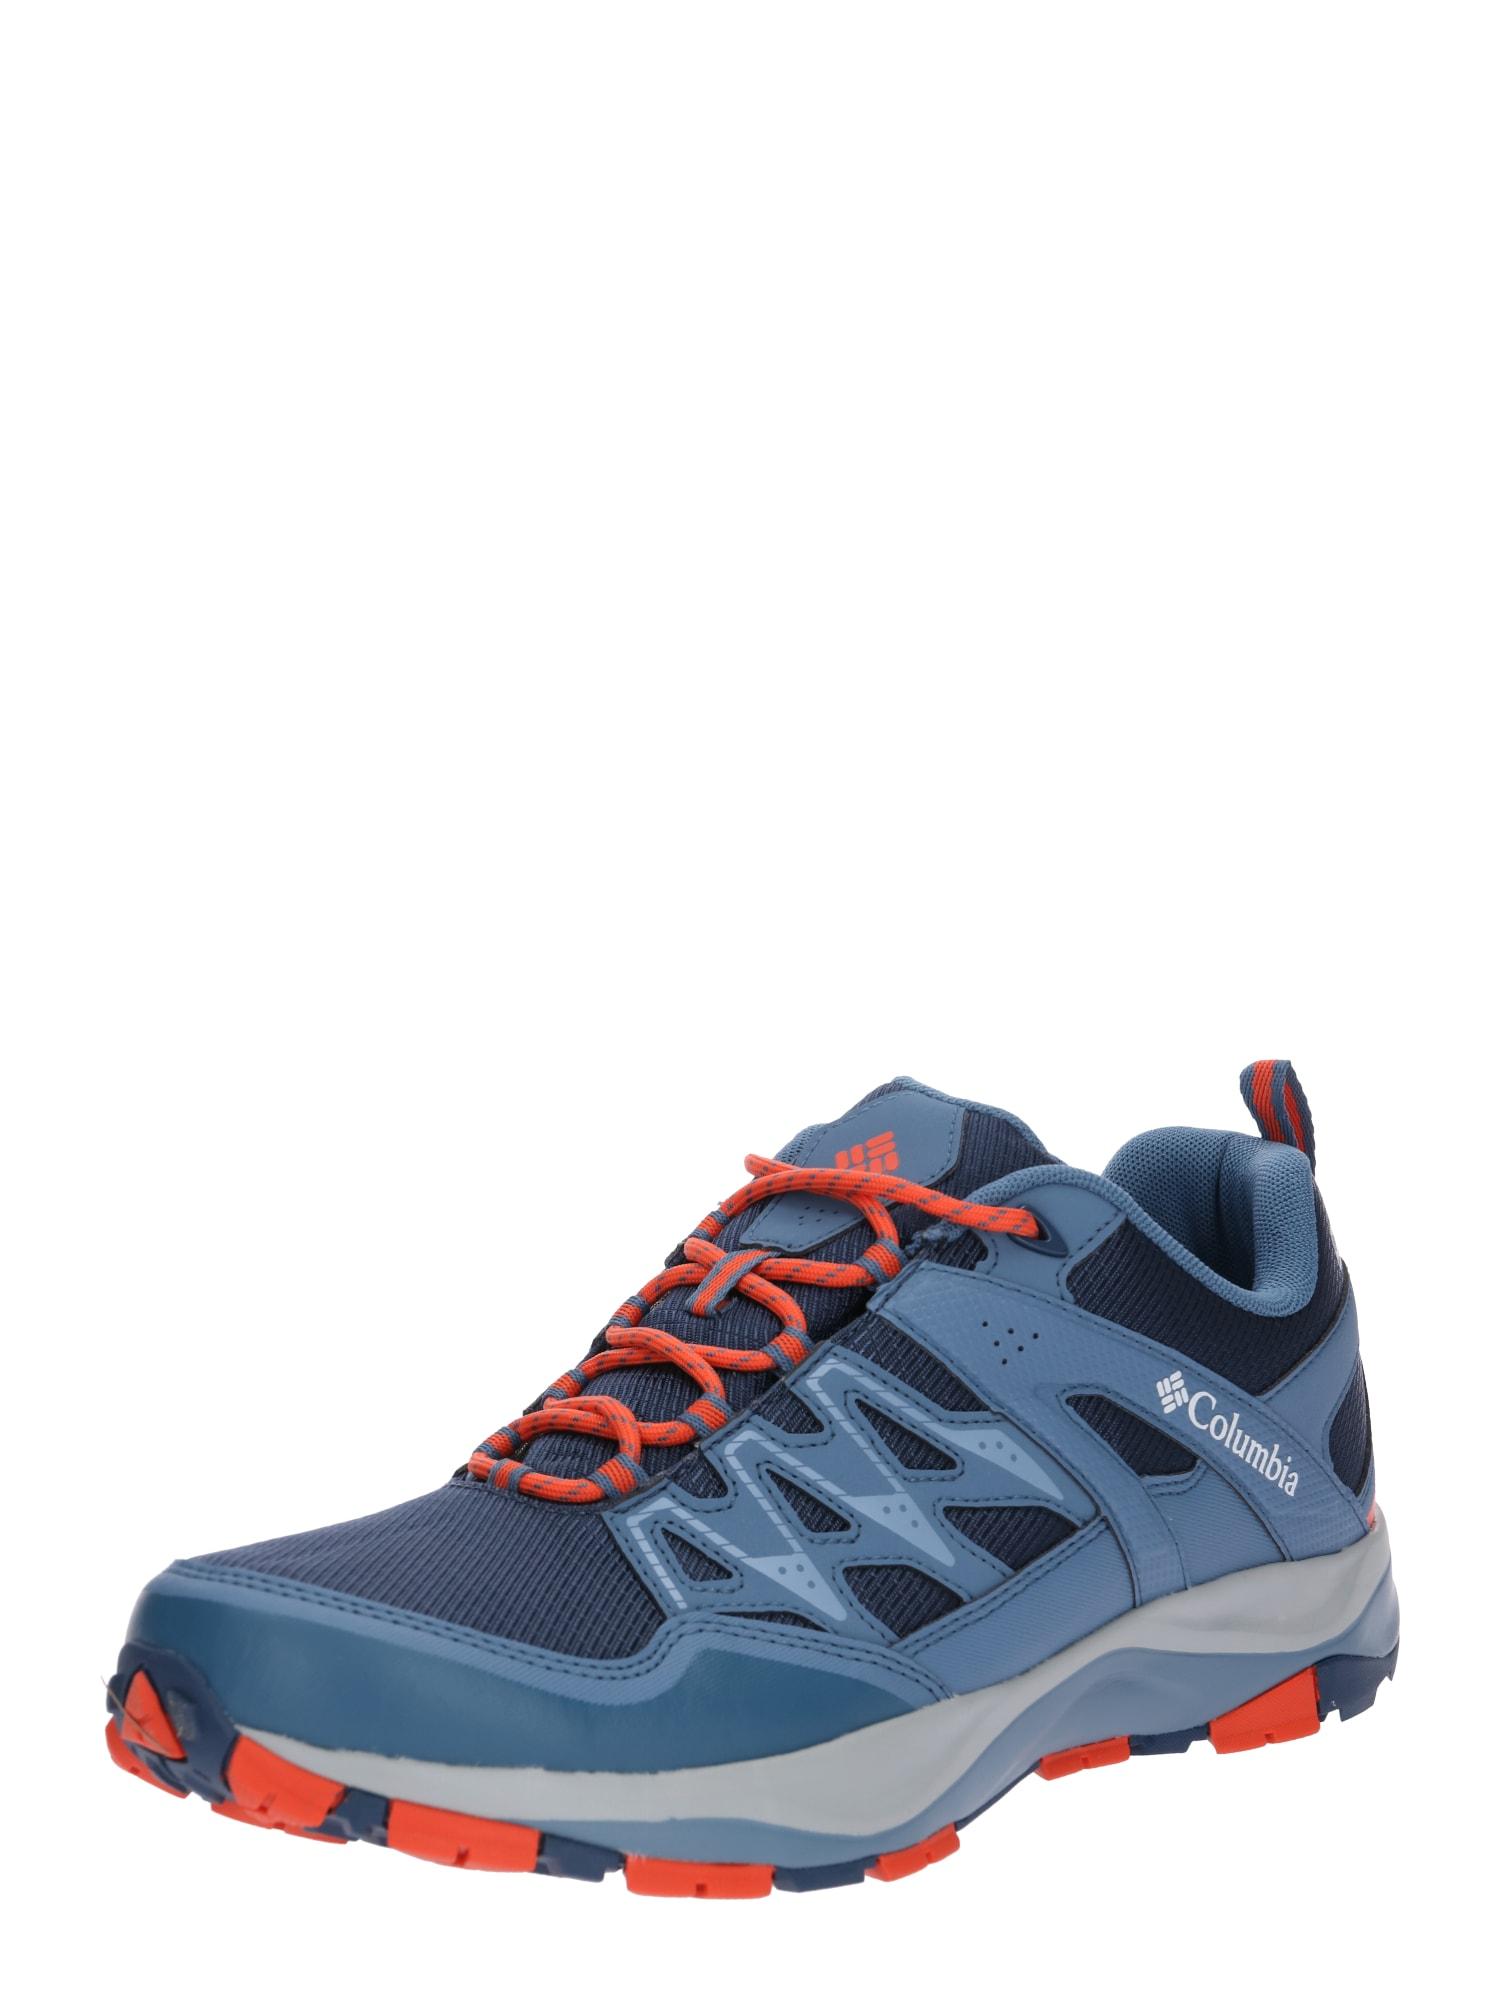 Sportovní boty WAYFINDER OUTDRY kouřově modrá červená COLUMBIA